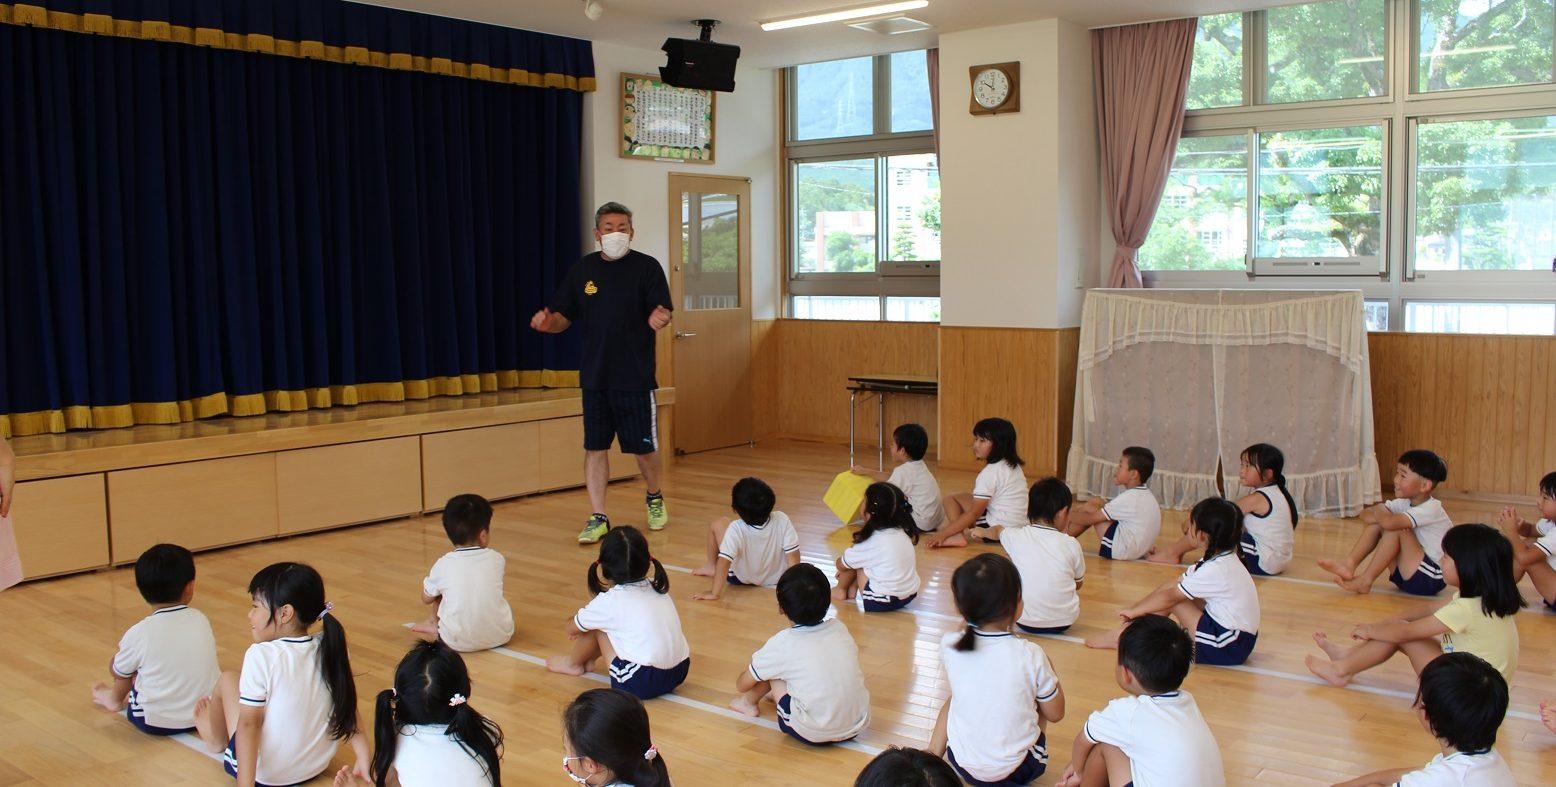 体育あそびの教室がありました